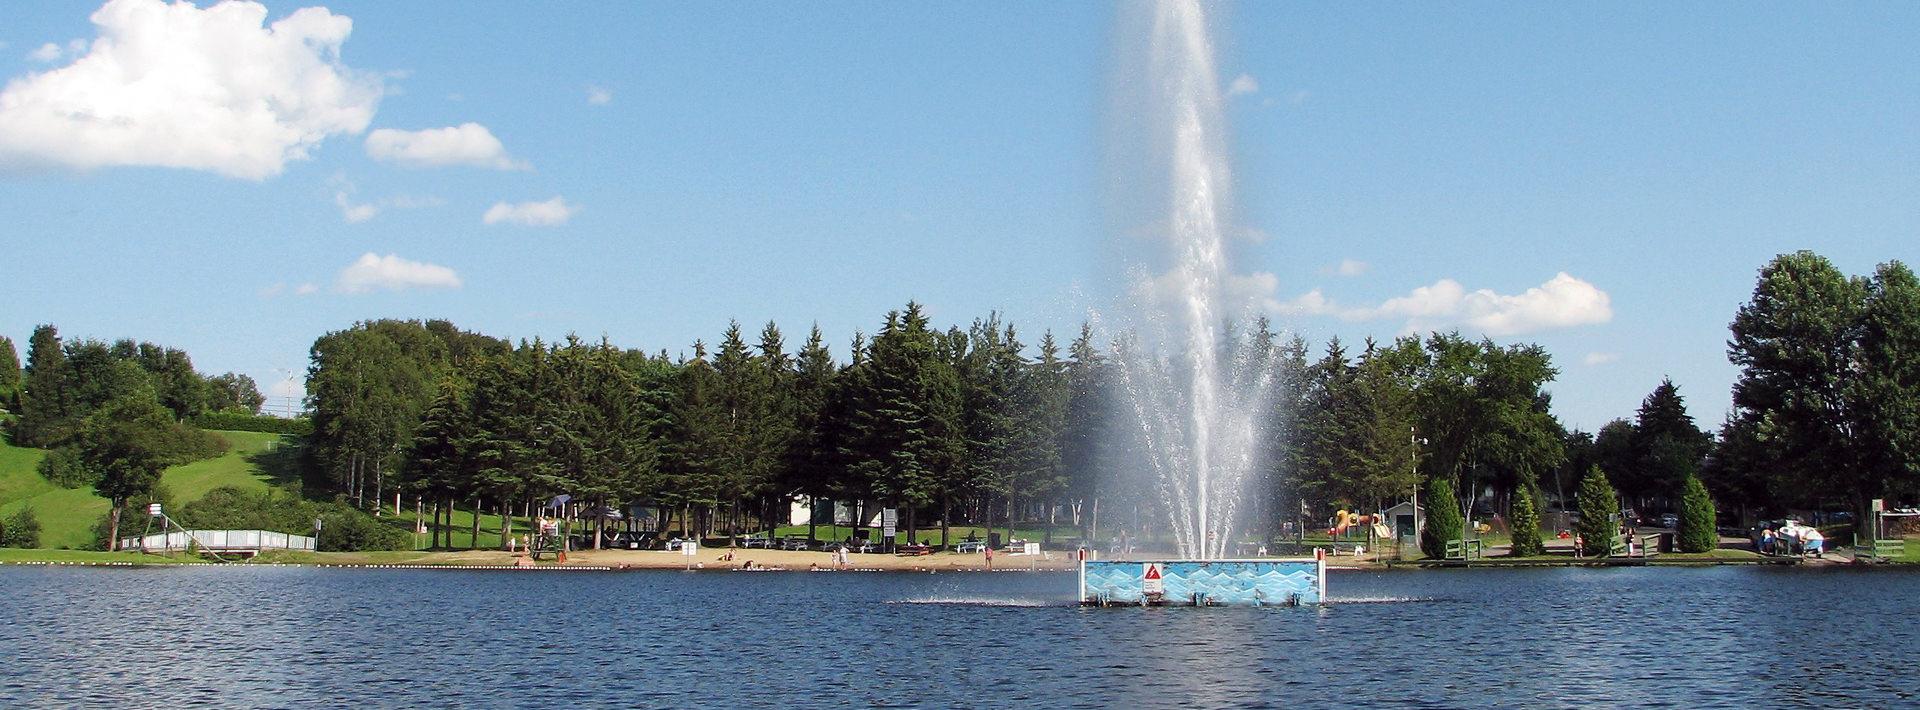 Image en-tête - Parcs et espaces verts